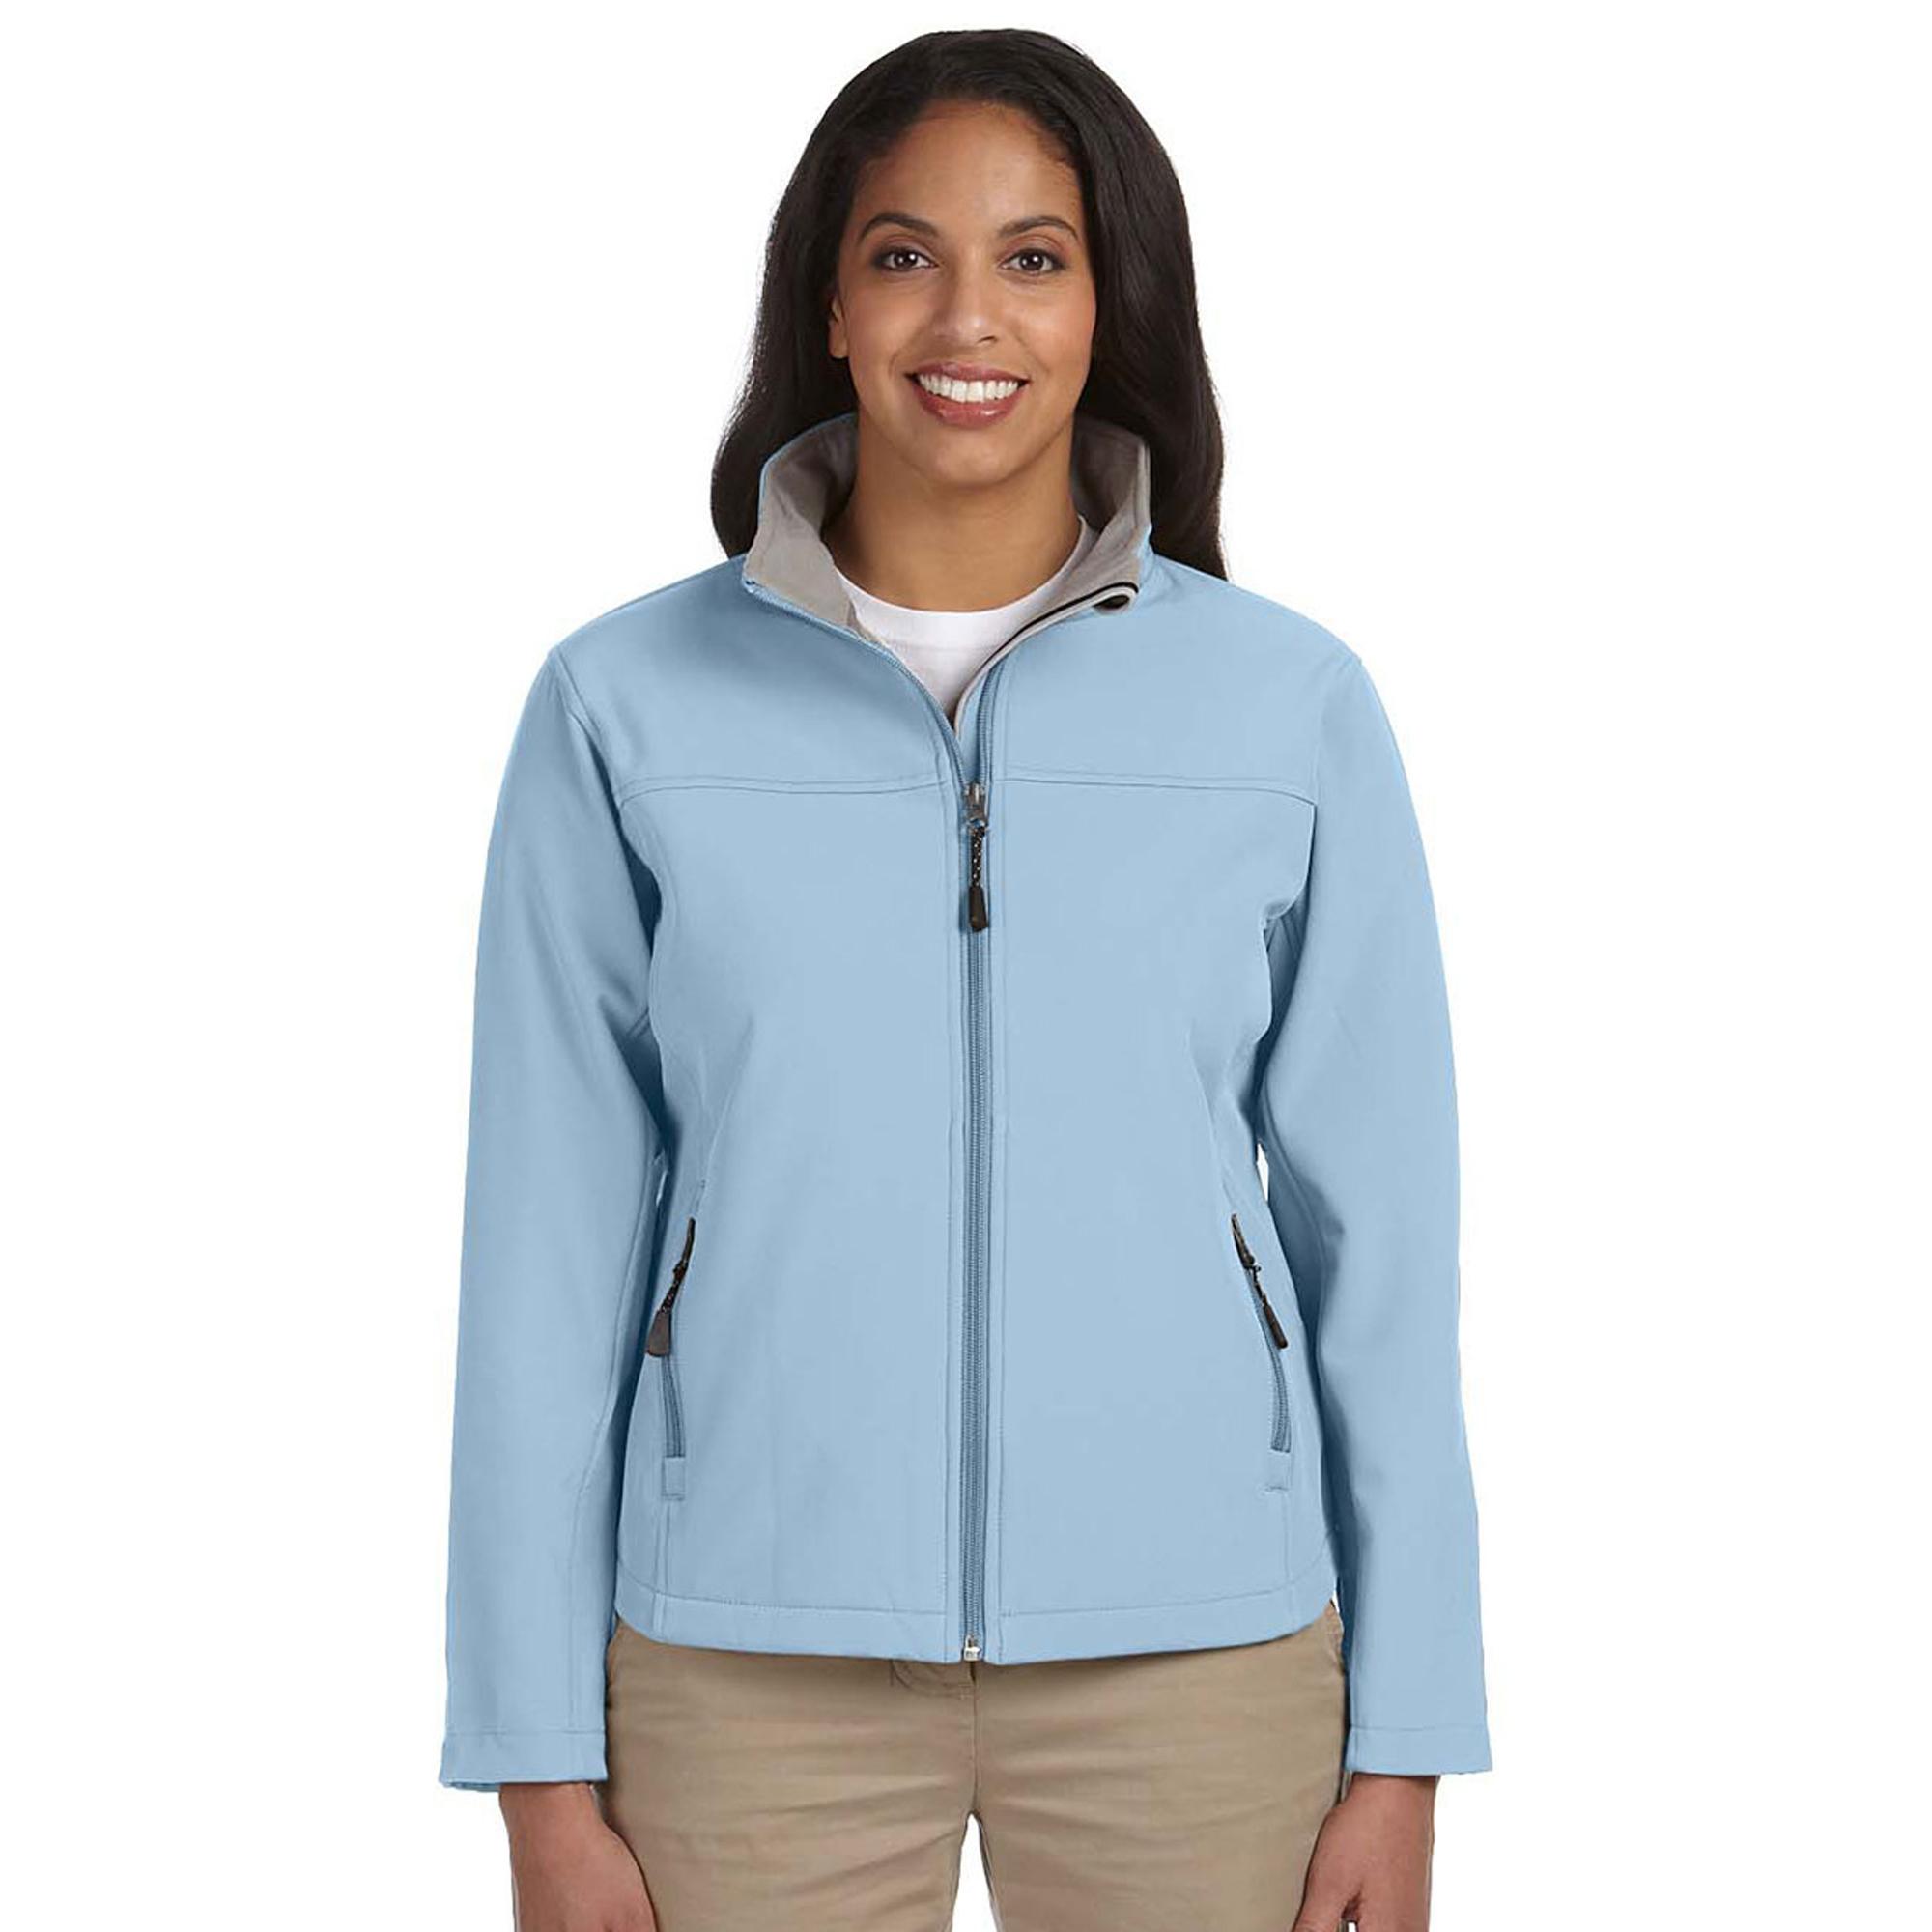 Devon & Jones D995W Women's Soft Shell Water Resistant Jacket at Sears.com